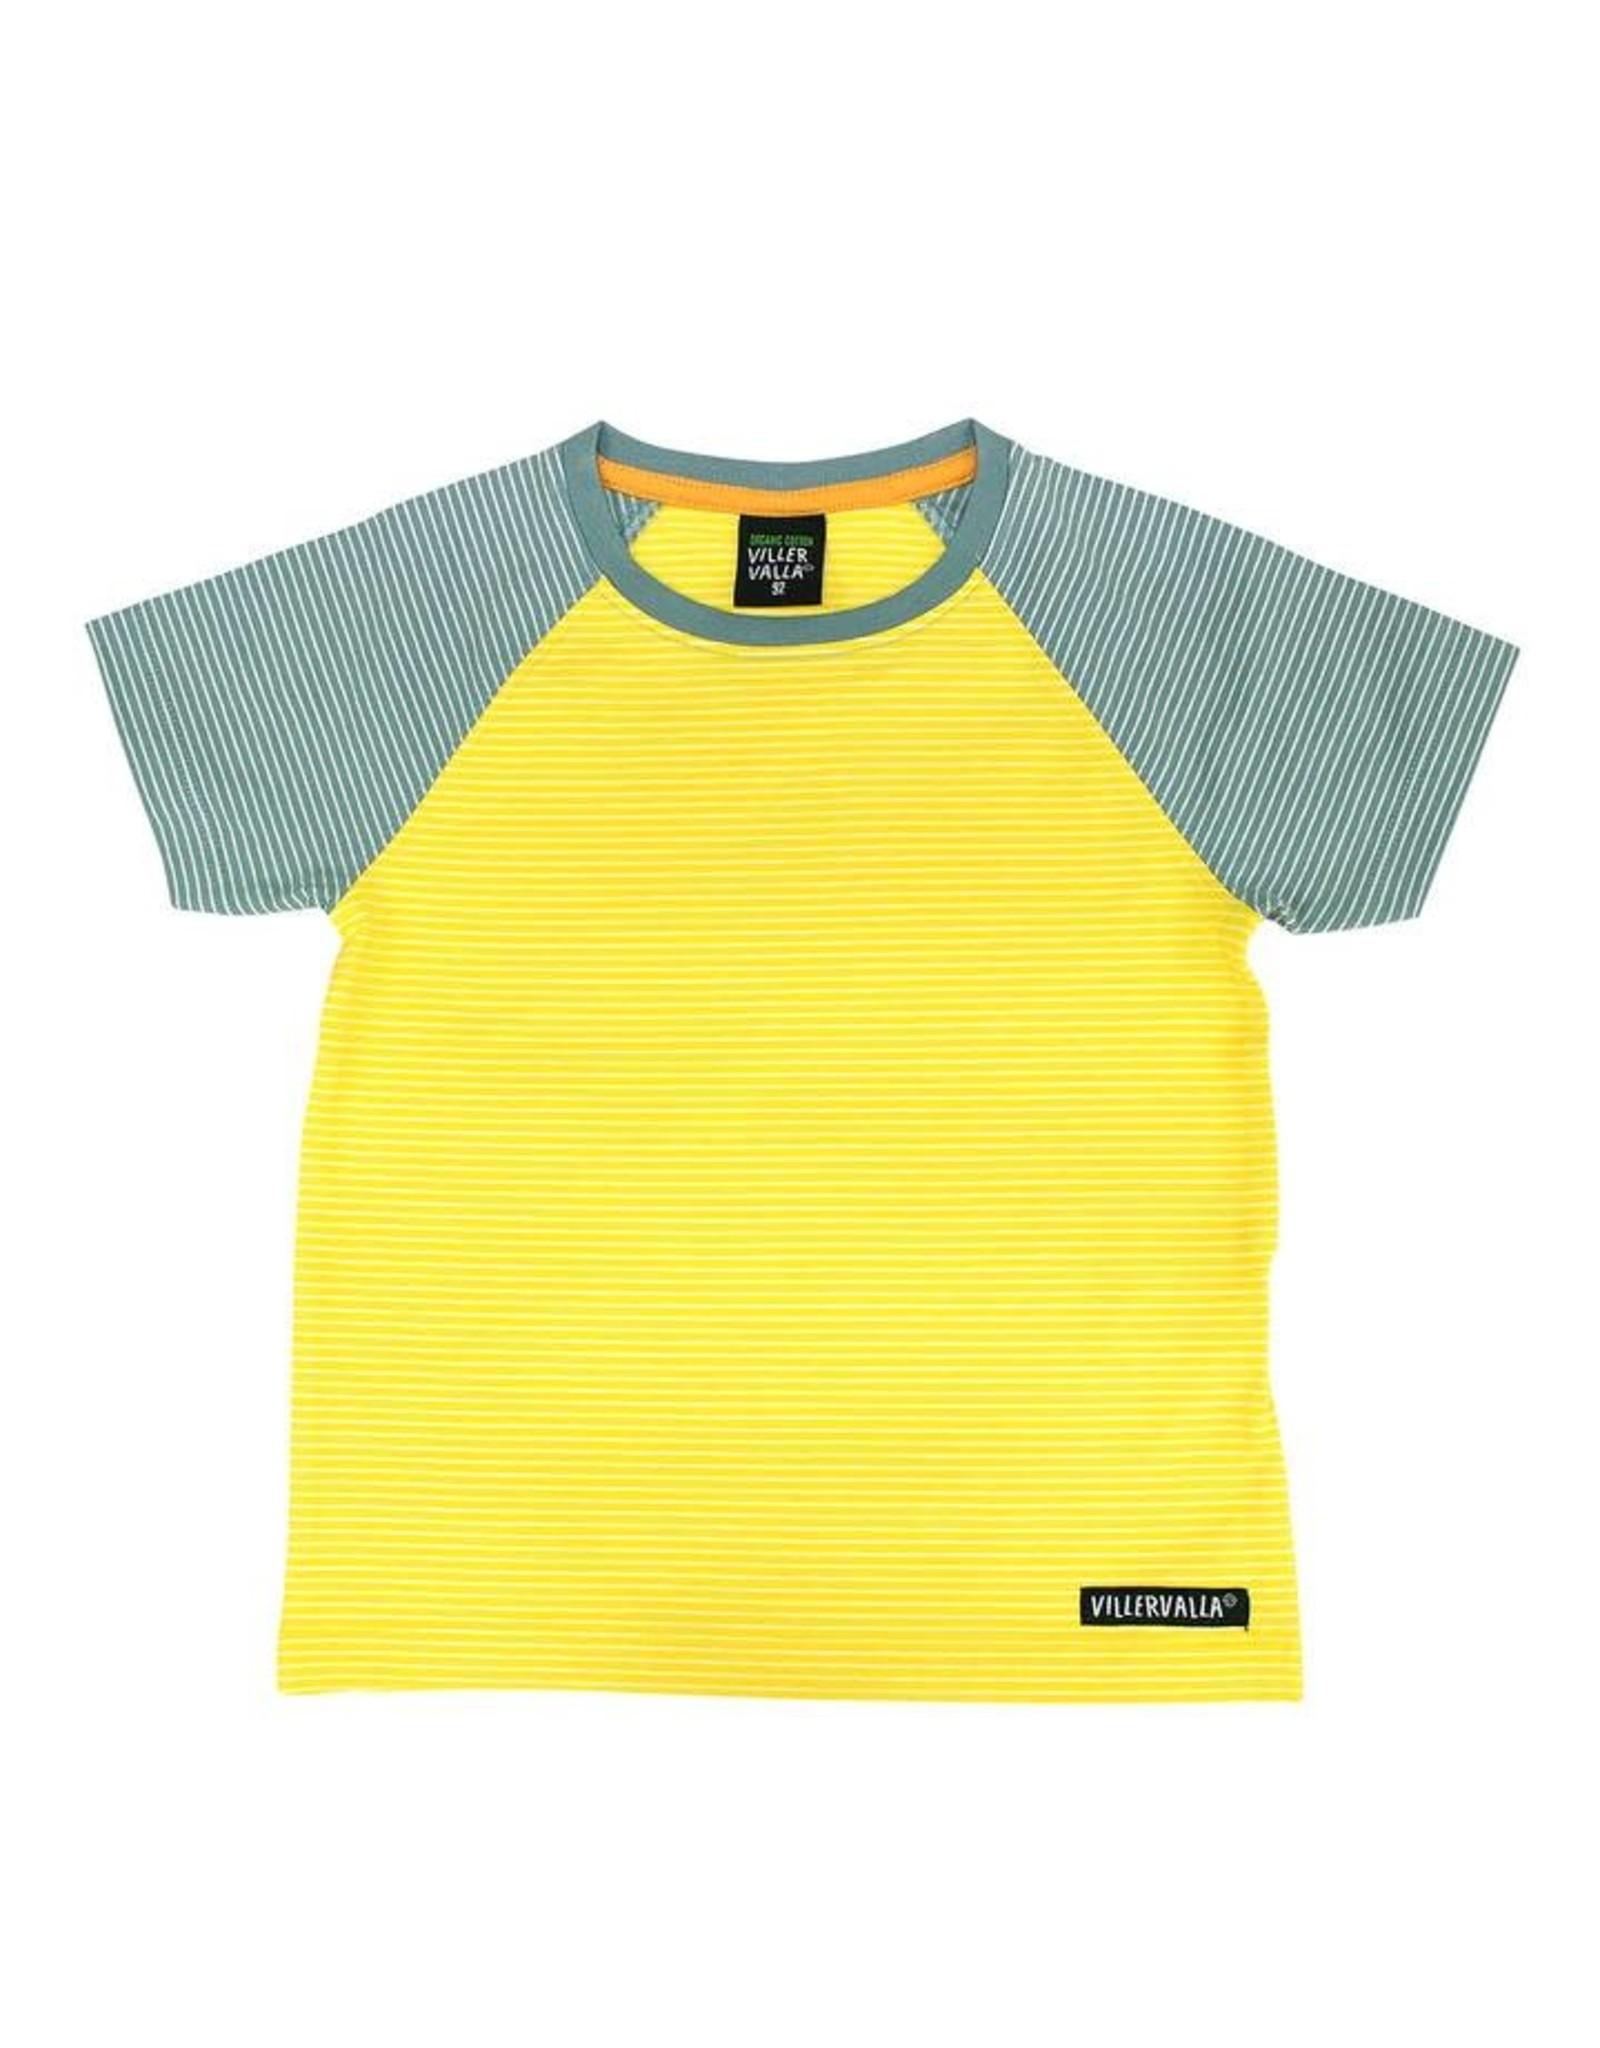 Villervalla Geel-grijs gestreepte unisex t-shirt